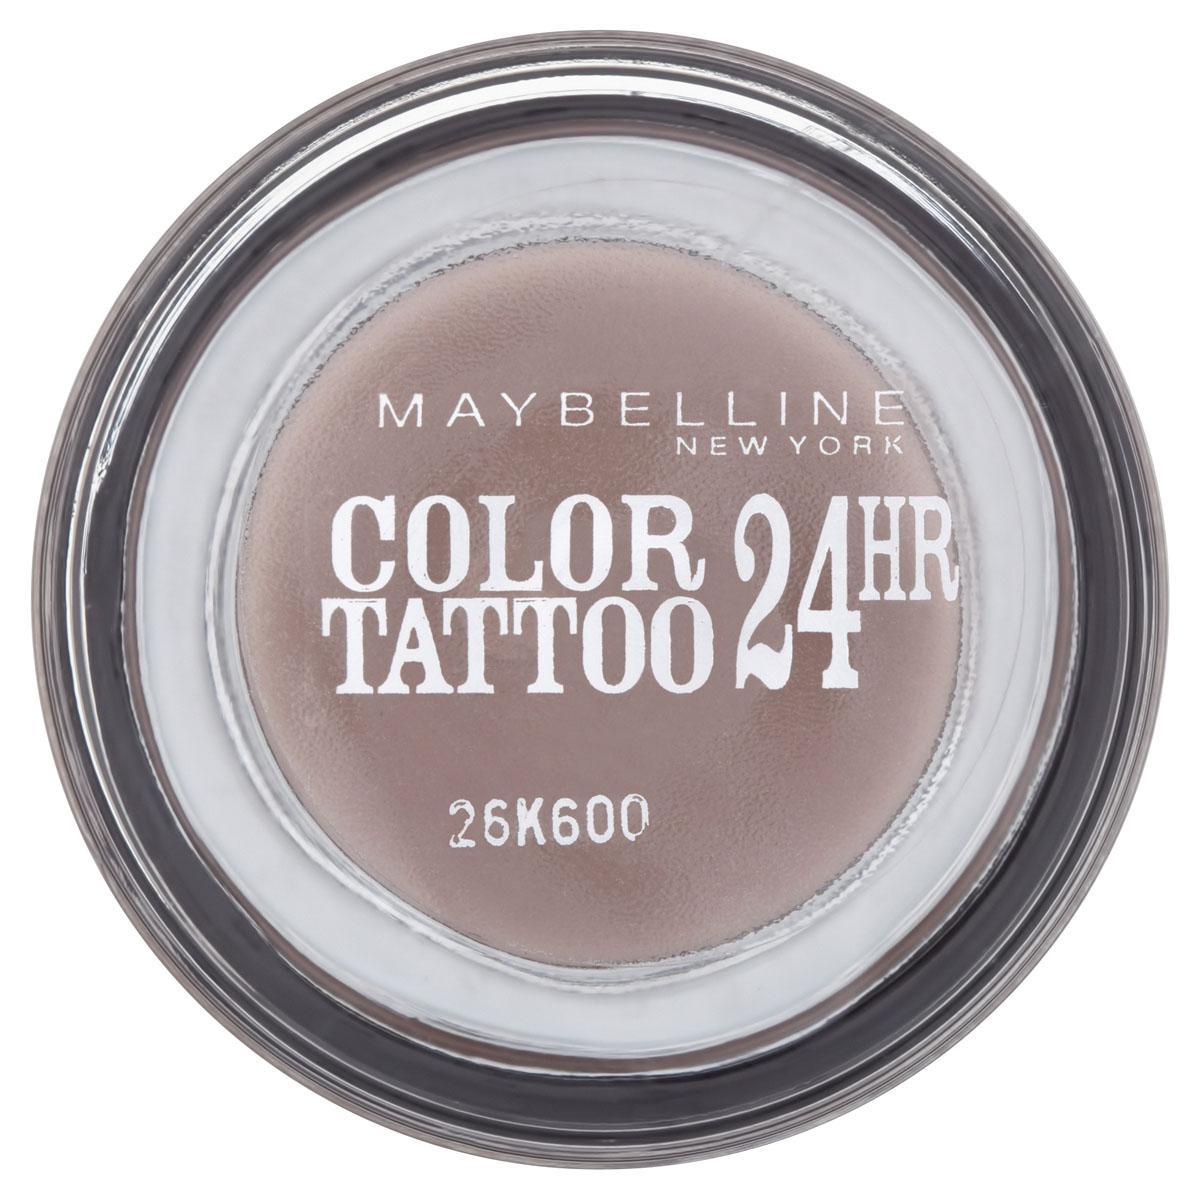 Maybelline New York Тени для век Color Tattoo 24 часа, оттенок 40, Долговечный коричневый, 4 млB1949700Осмелься на ультраяркий, самый стойкий цвет! Супернасыщенные крем-гелевые тени с технологией тату-пигментов. Насыщенные, устойчивые тени Maybelline Color Tattoo 24 часа предназначены для дневного и вечернего макияжа. Тени словно татуировка надежно закрепляются на коже, не боятся влаги, не скатываются и не размазываются, даже если потереть глаза рукой. Товар сертифицирован.